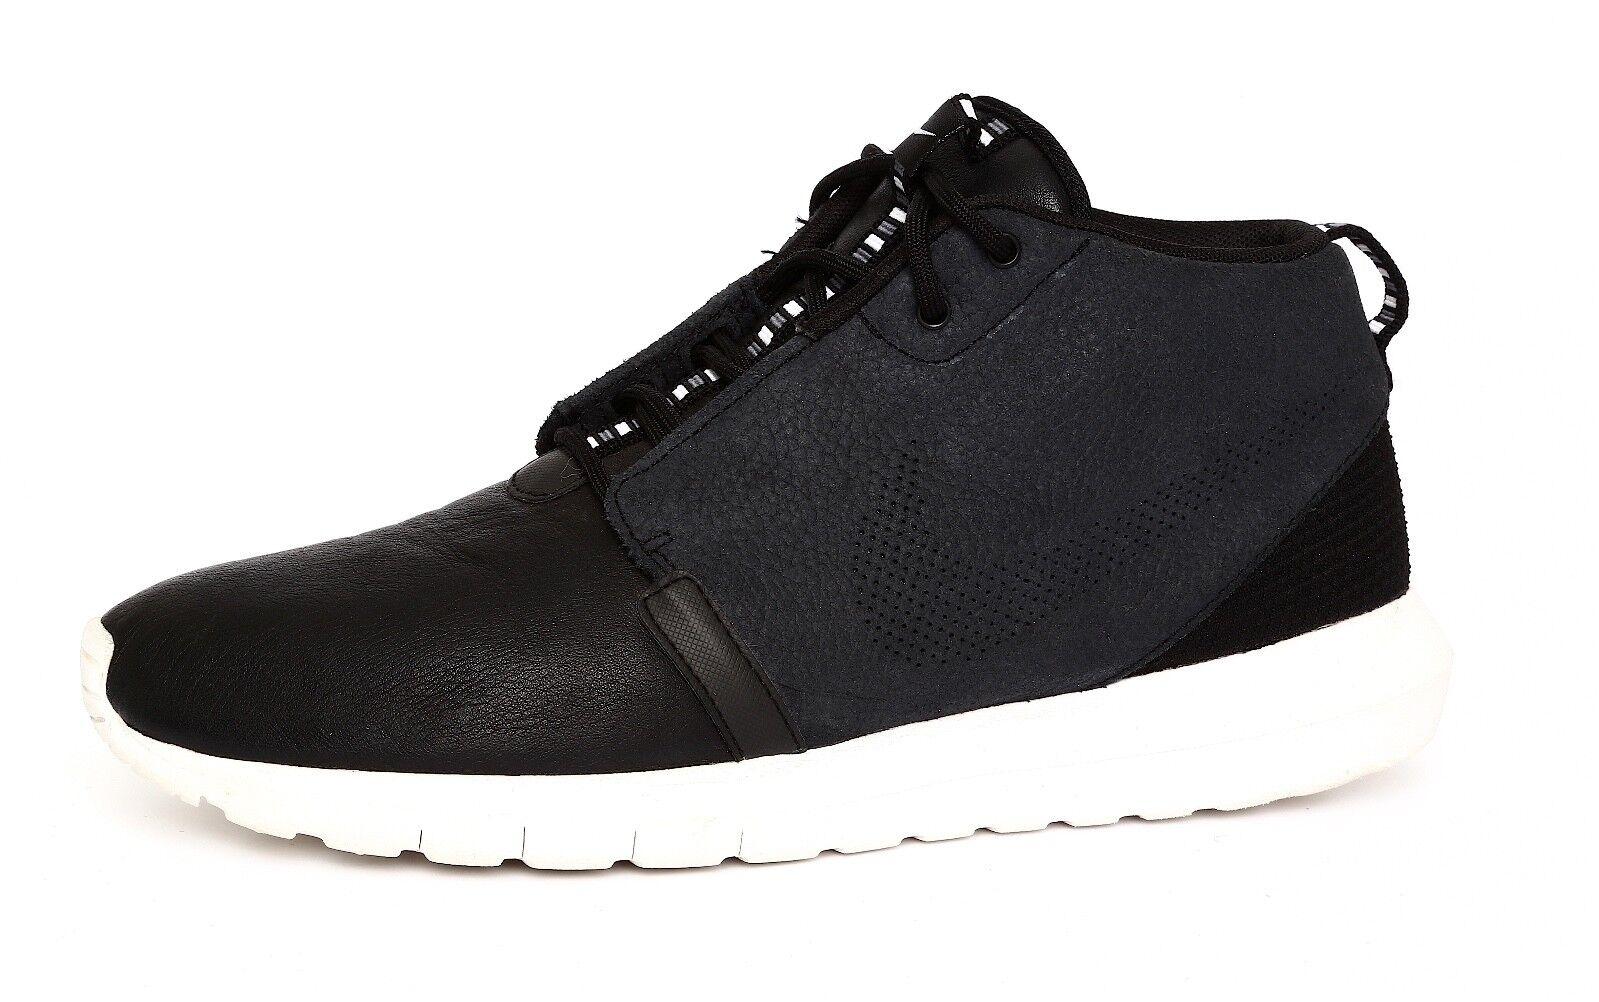 Nike Roshe Men's Black Sneaker Boot Sz 9 1114